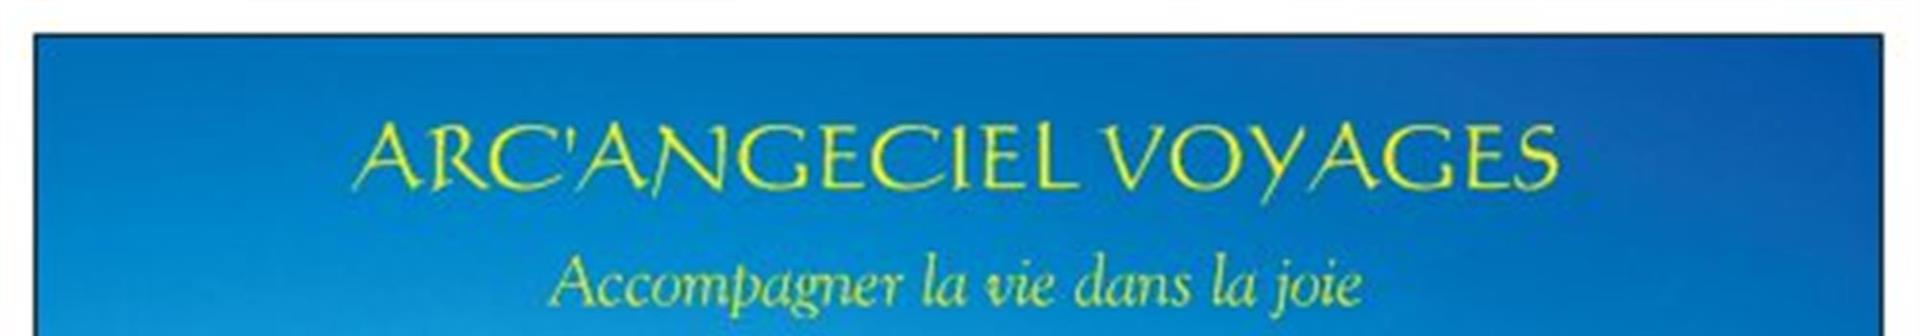 Adhésion à l'association ARC'ANGECIEL 2018 - ARC'ANGECIEL VOYAGES